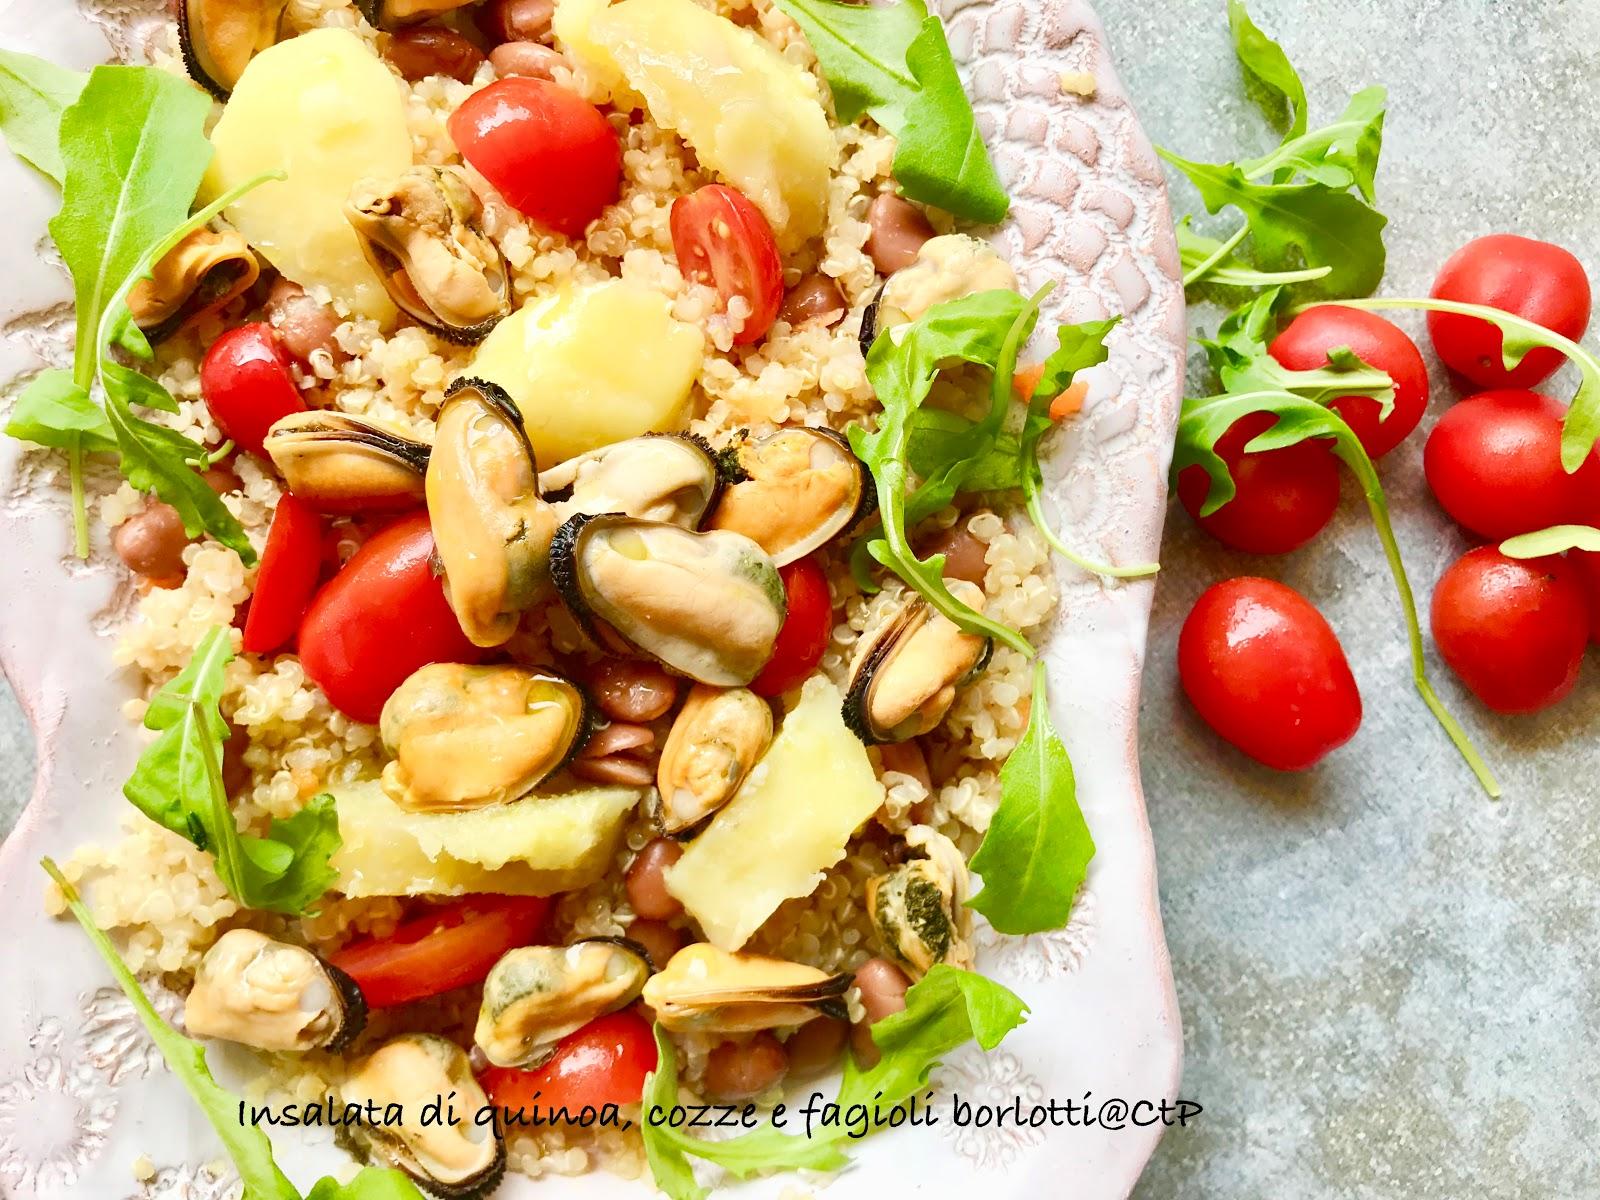 Insalata di quinoa, cozze e fagioli borlotti alesssandra ruggeri